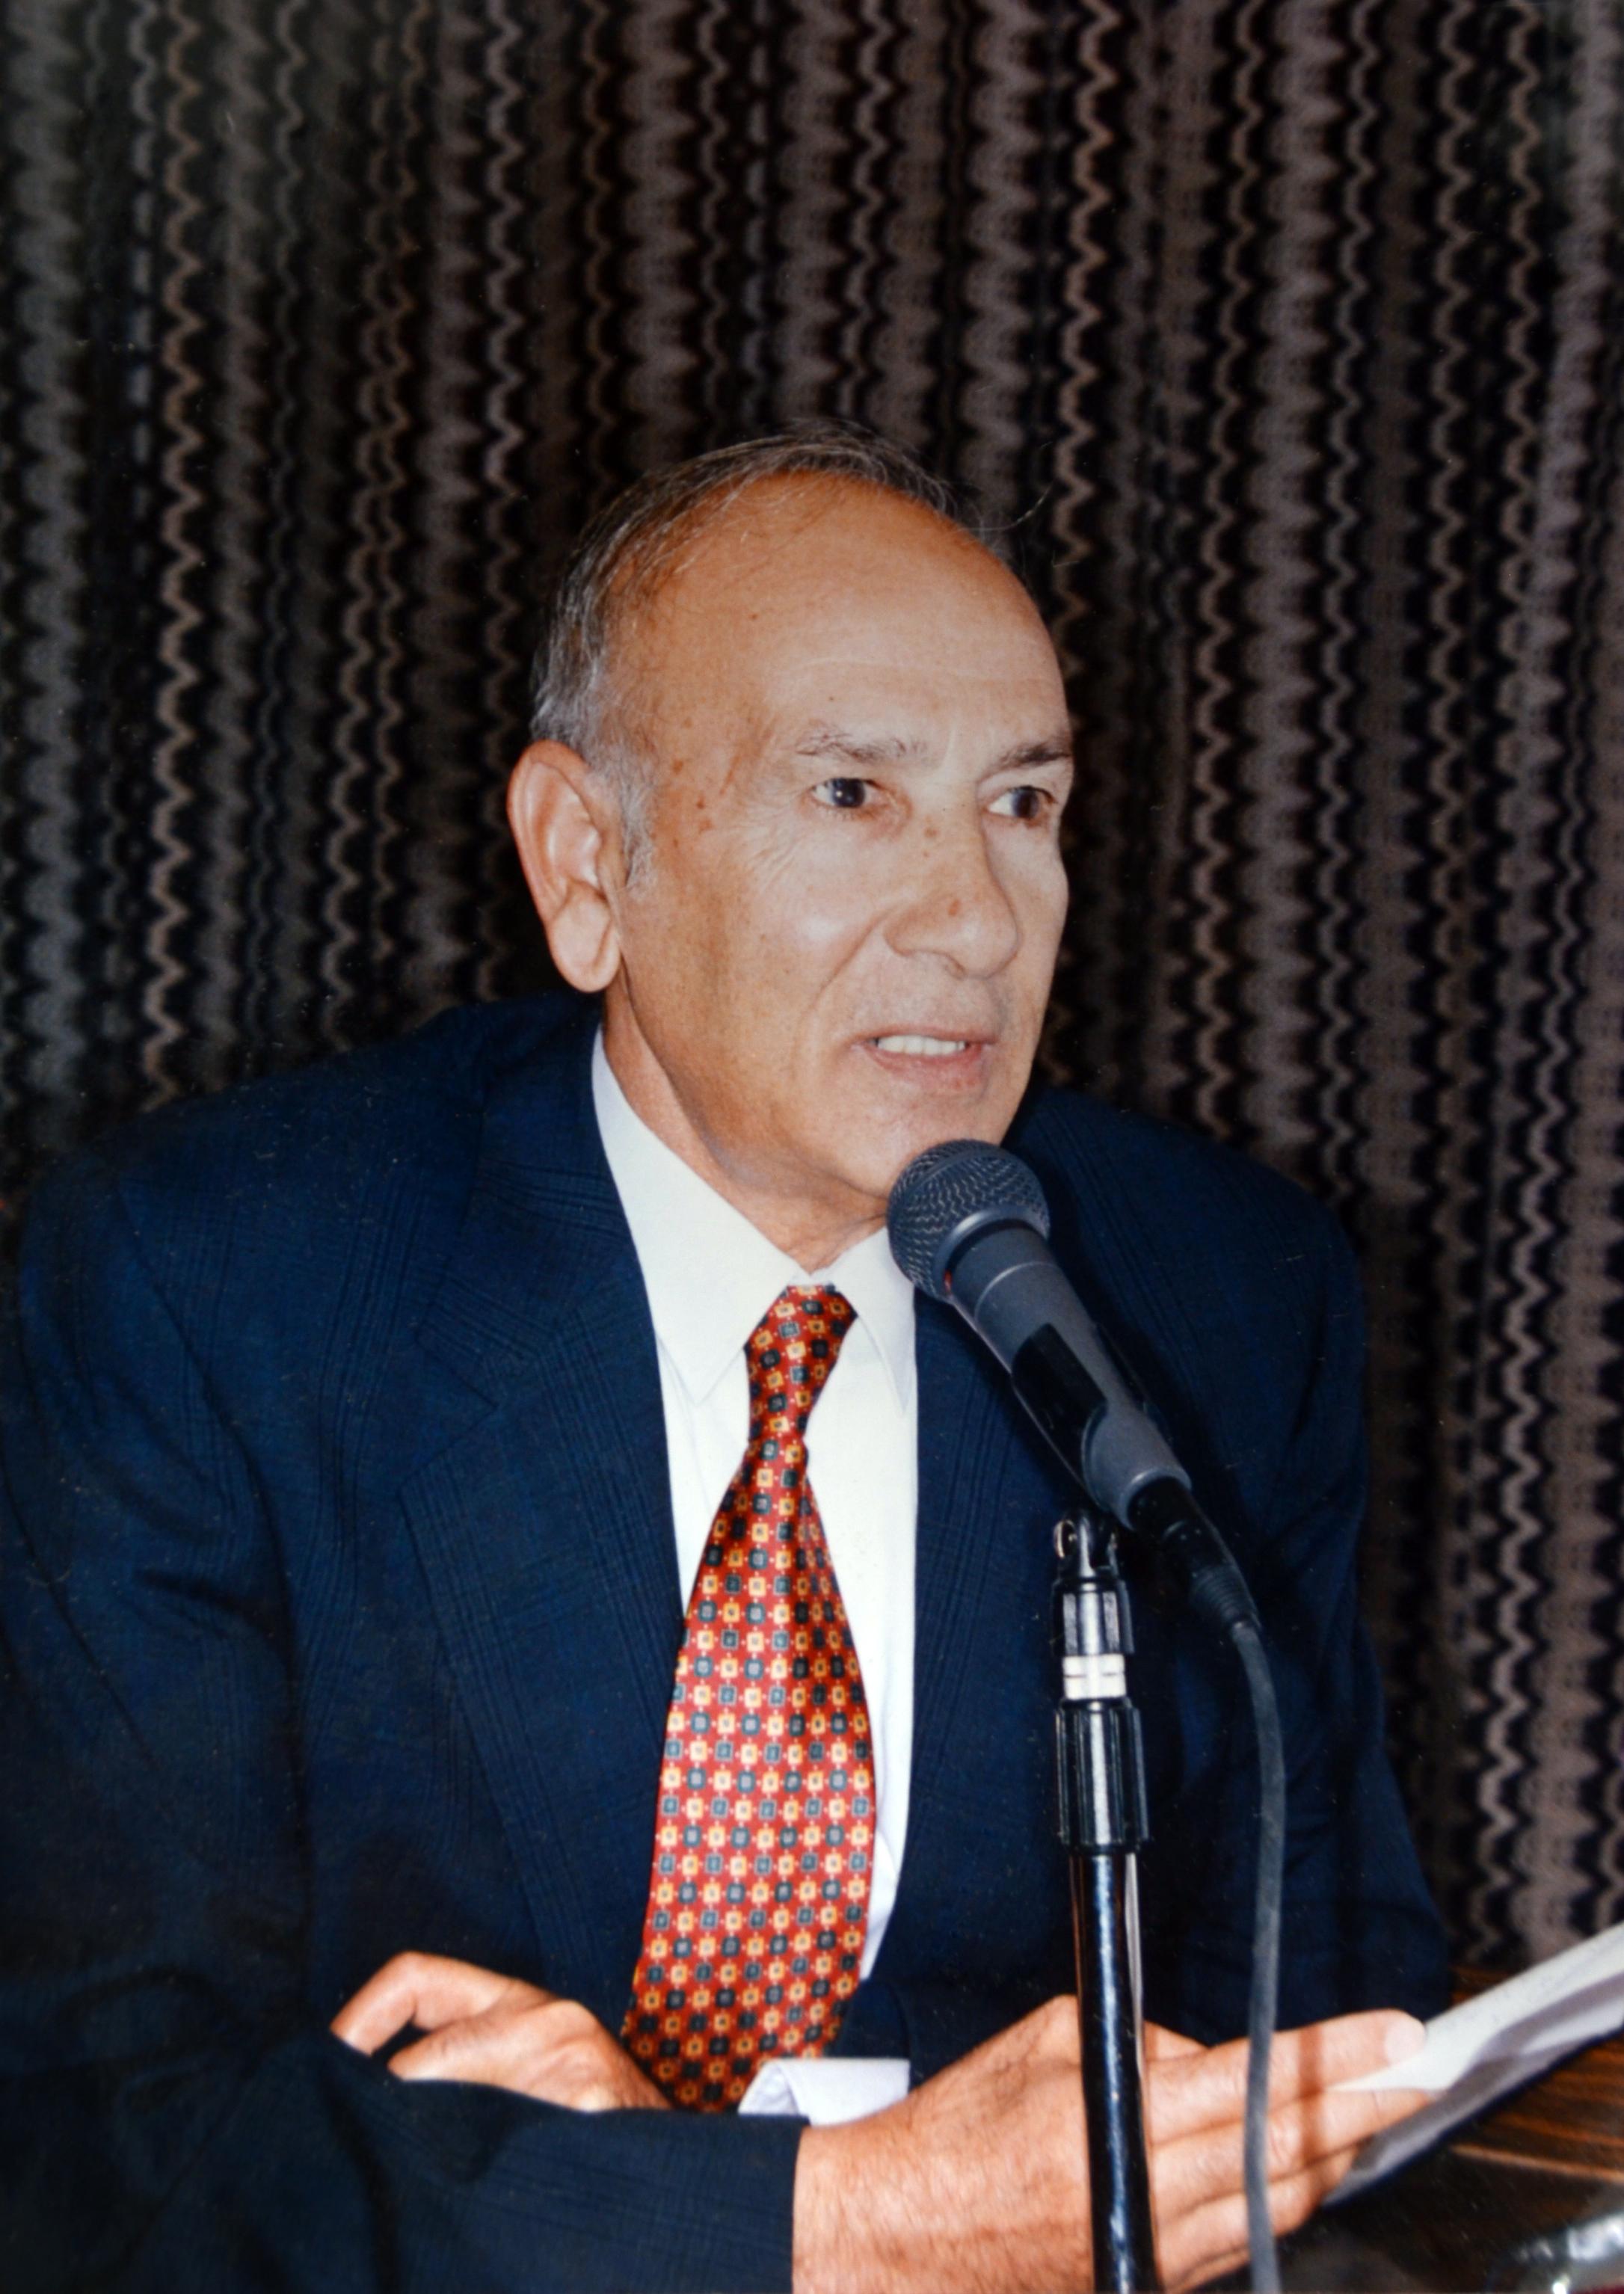 Mohammed Ayyash Mulhim